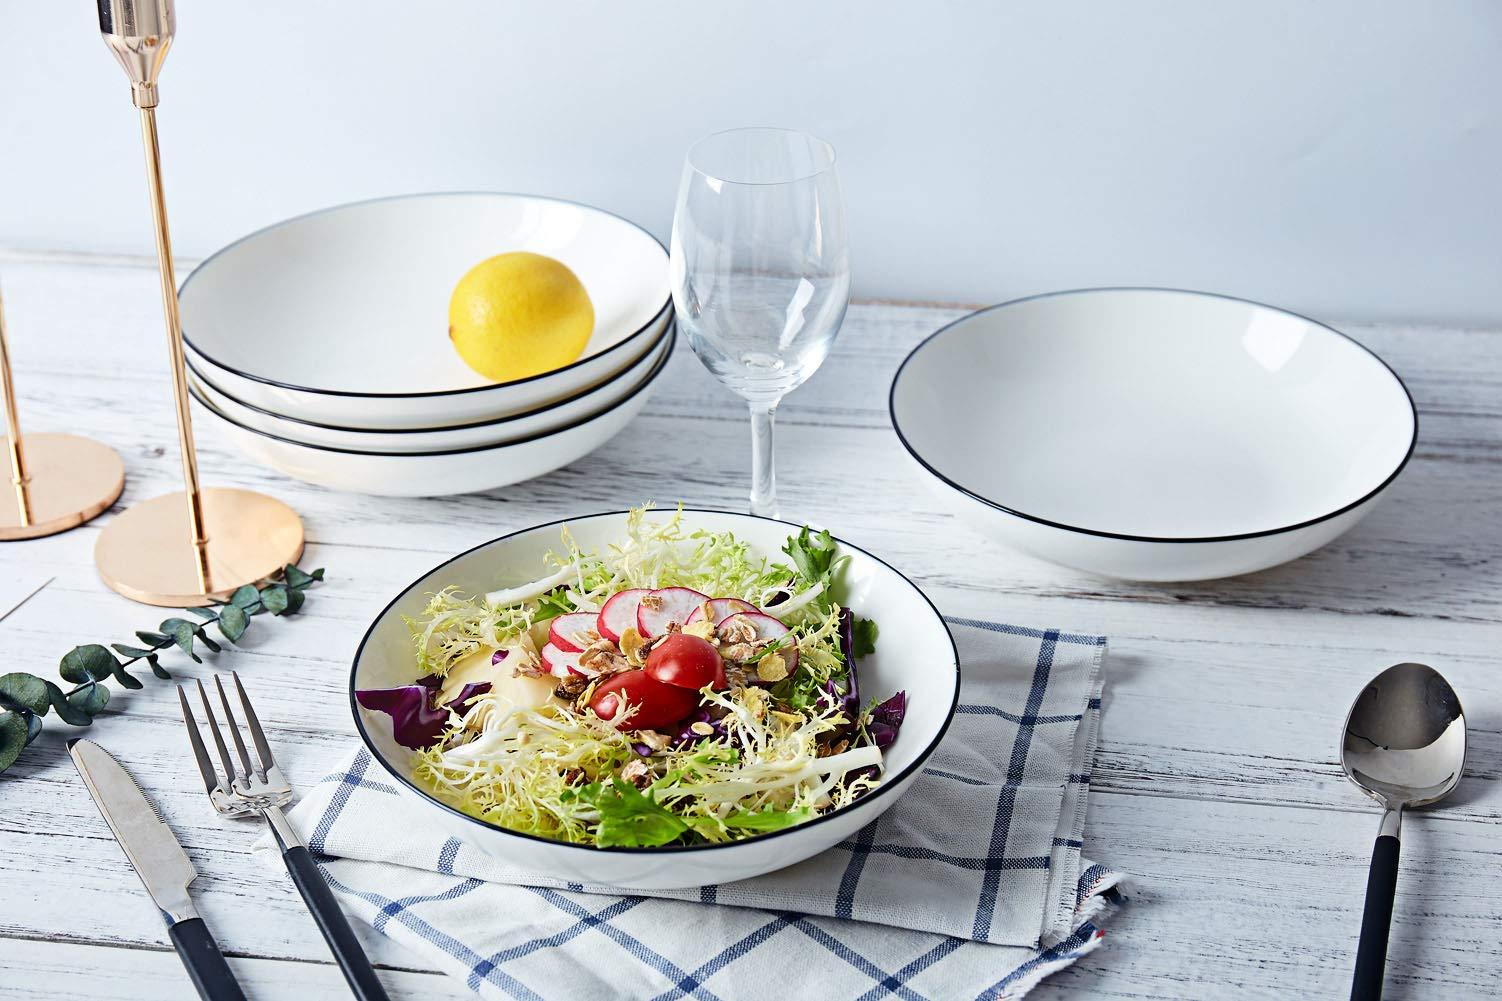 AnBnCn Porcelain Pasta/Salad Bowls - 25 Ounce - Set of 6, White